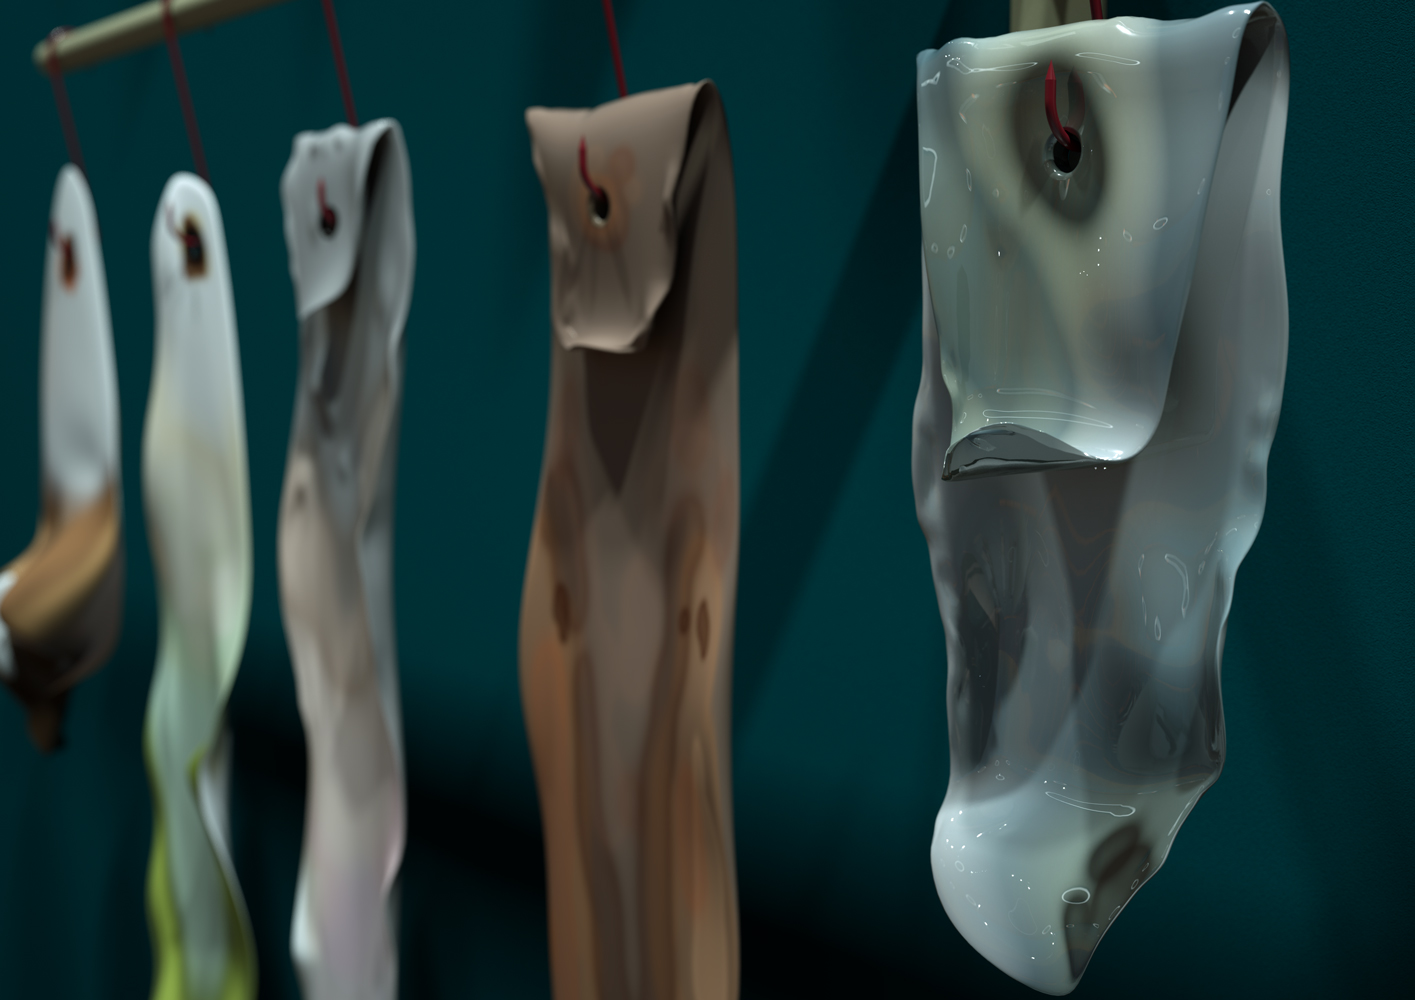 Renderings of 3D Cad Models